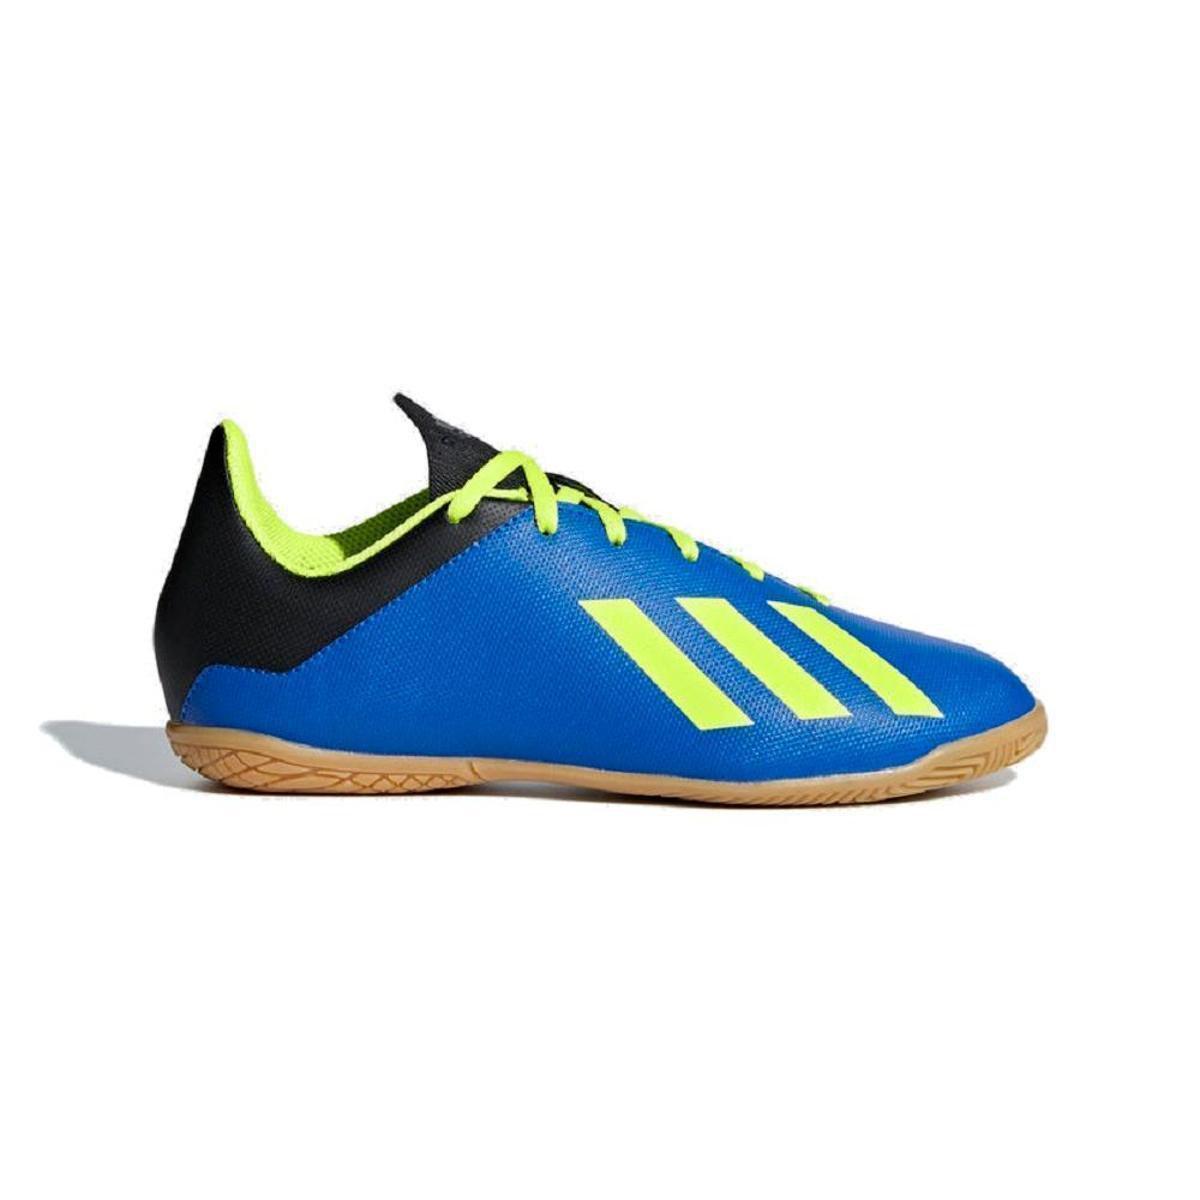 acaed48128b69 Chuteira Futsal Infantil Adidas X Tango 18 4 In - Azul e amarelo - Compre  Agora